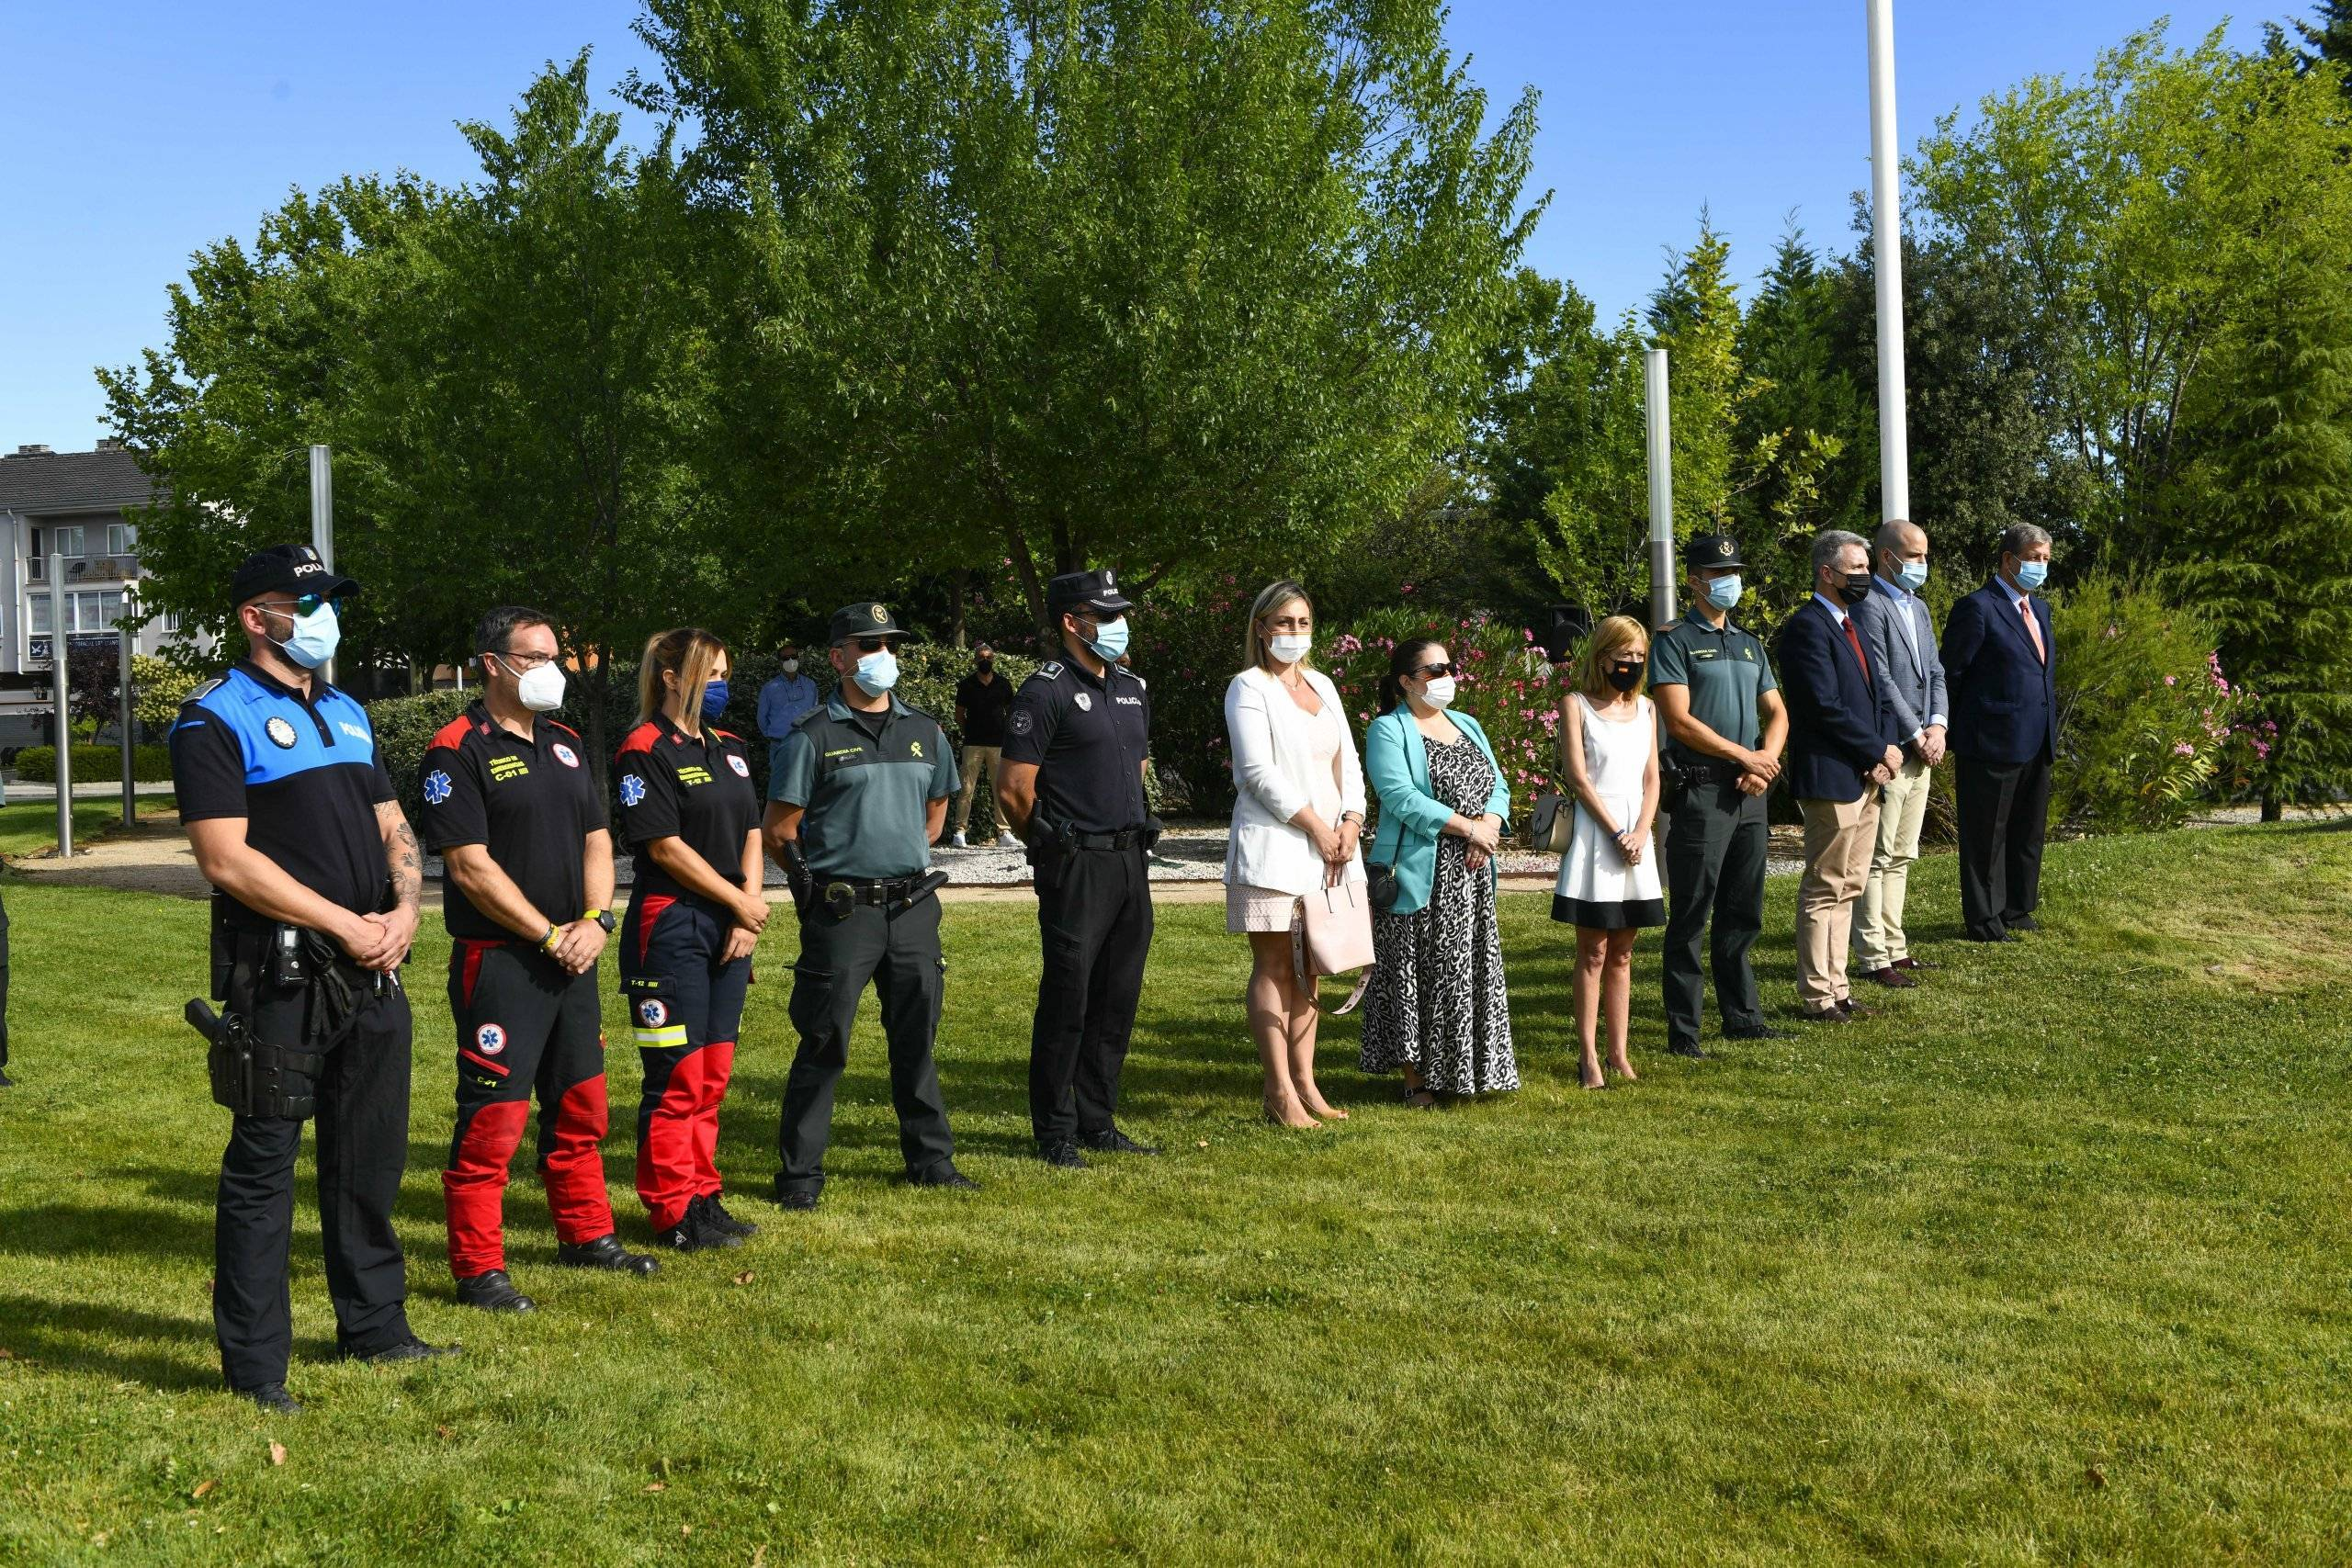 Autoridades y asistentes al acto durante el minuto de silencio.